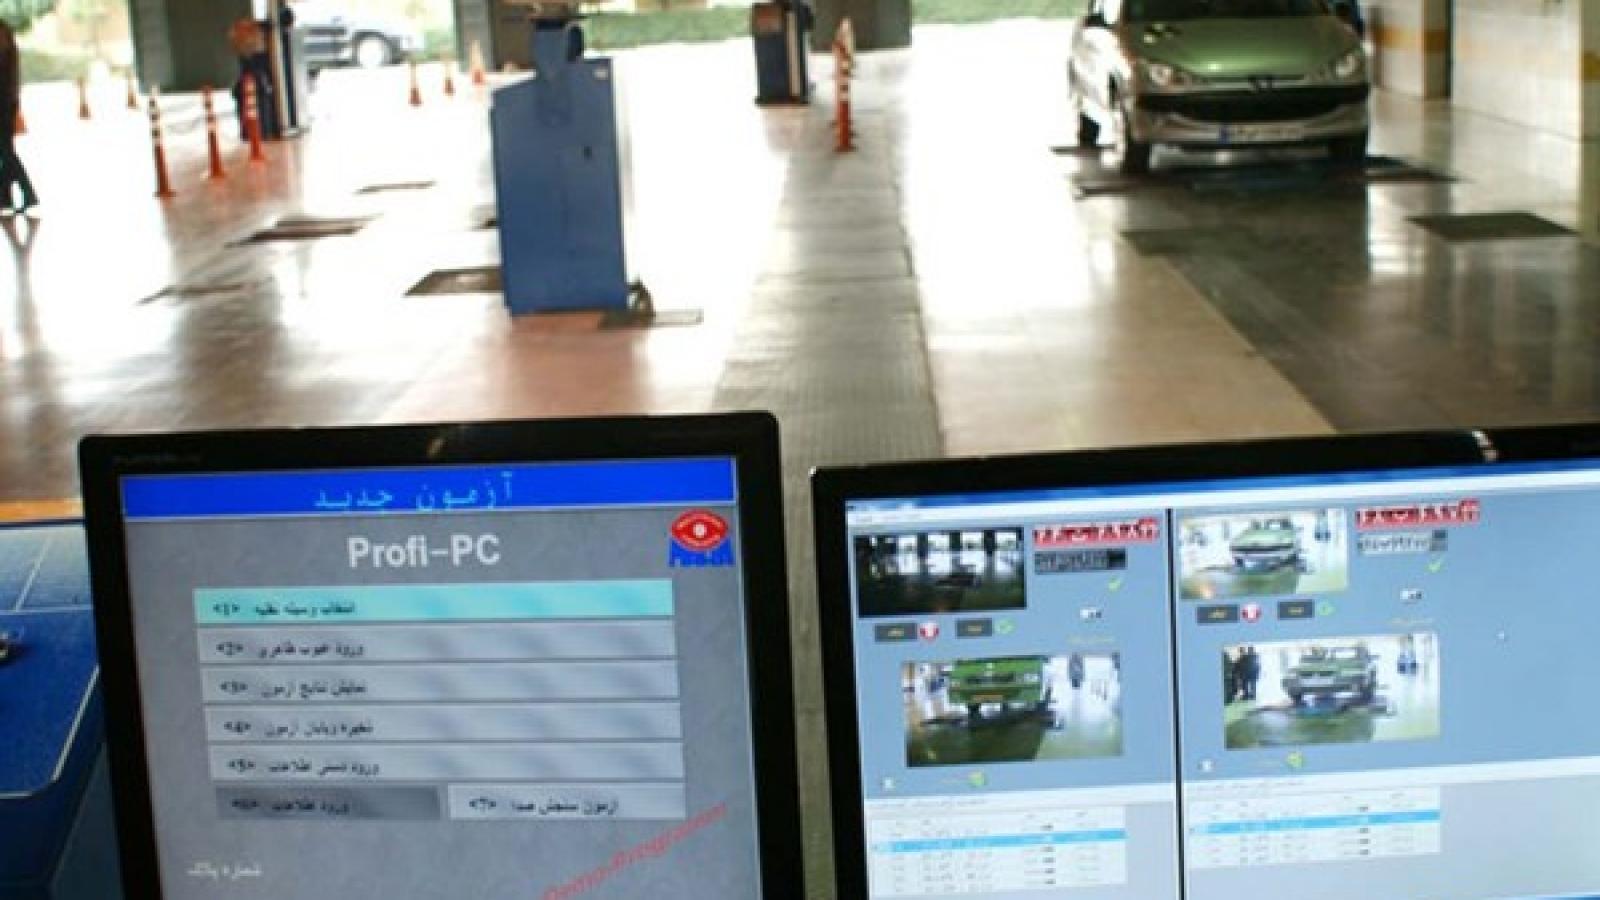 تشدید برخورد با خودروهای فاقد معاینه فنی - اجاره خودرو طباطبایی